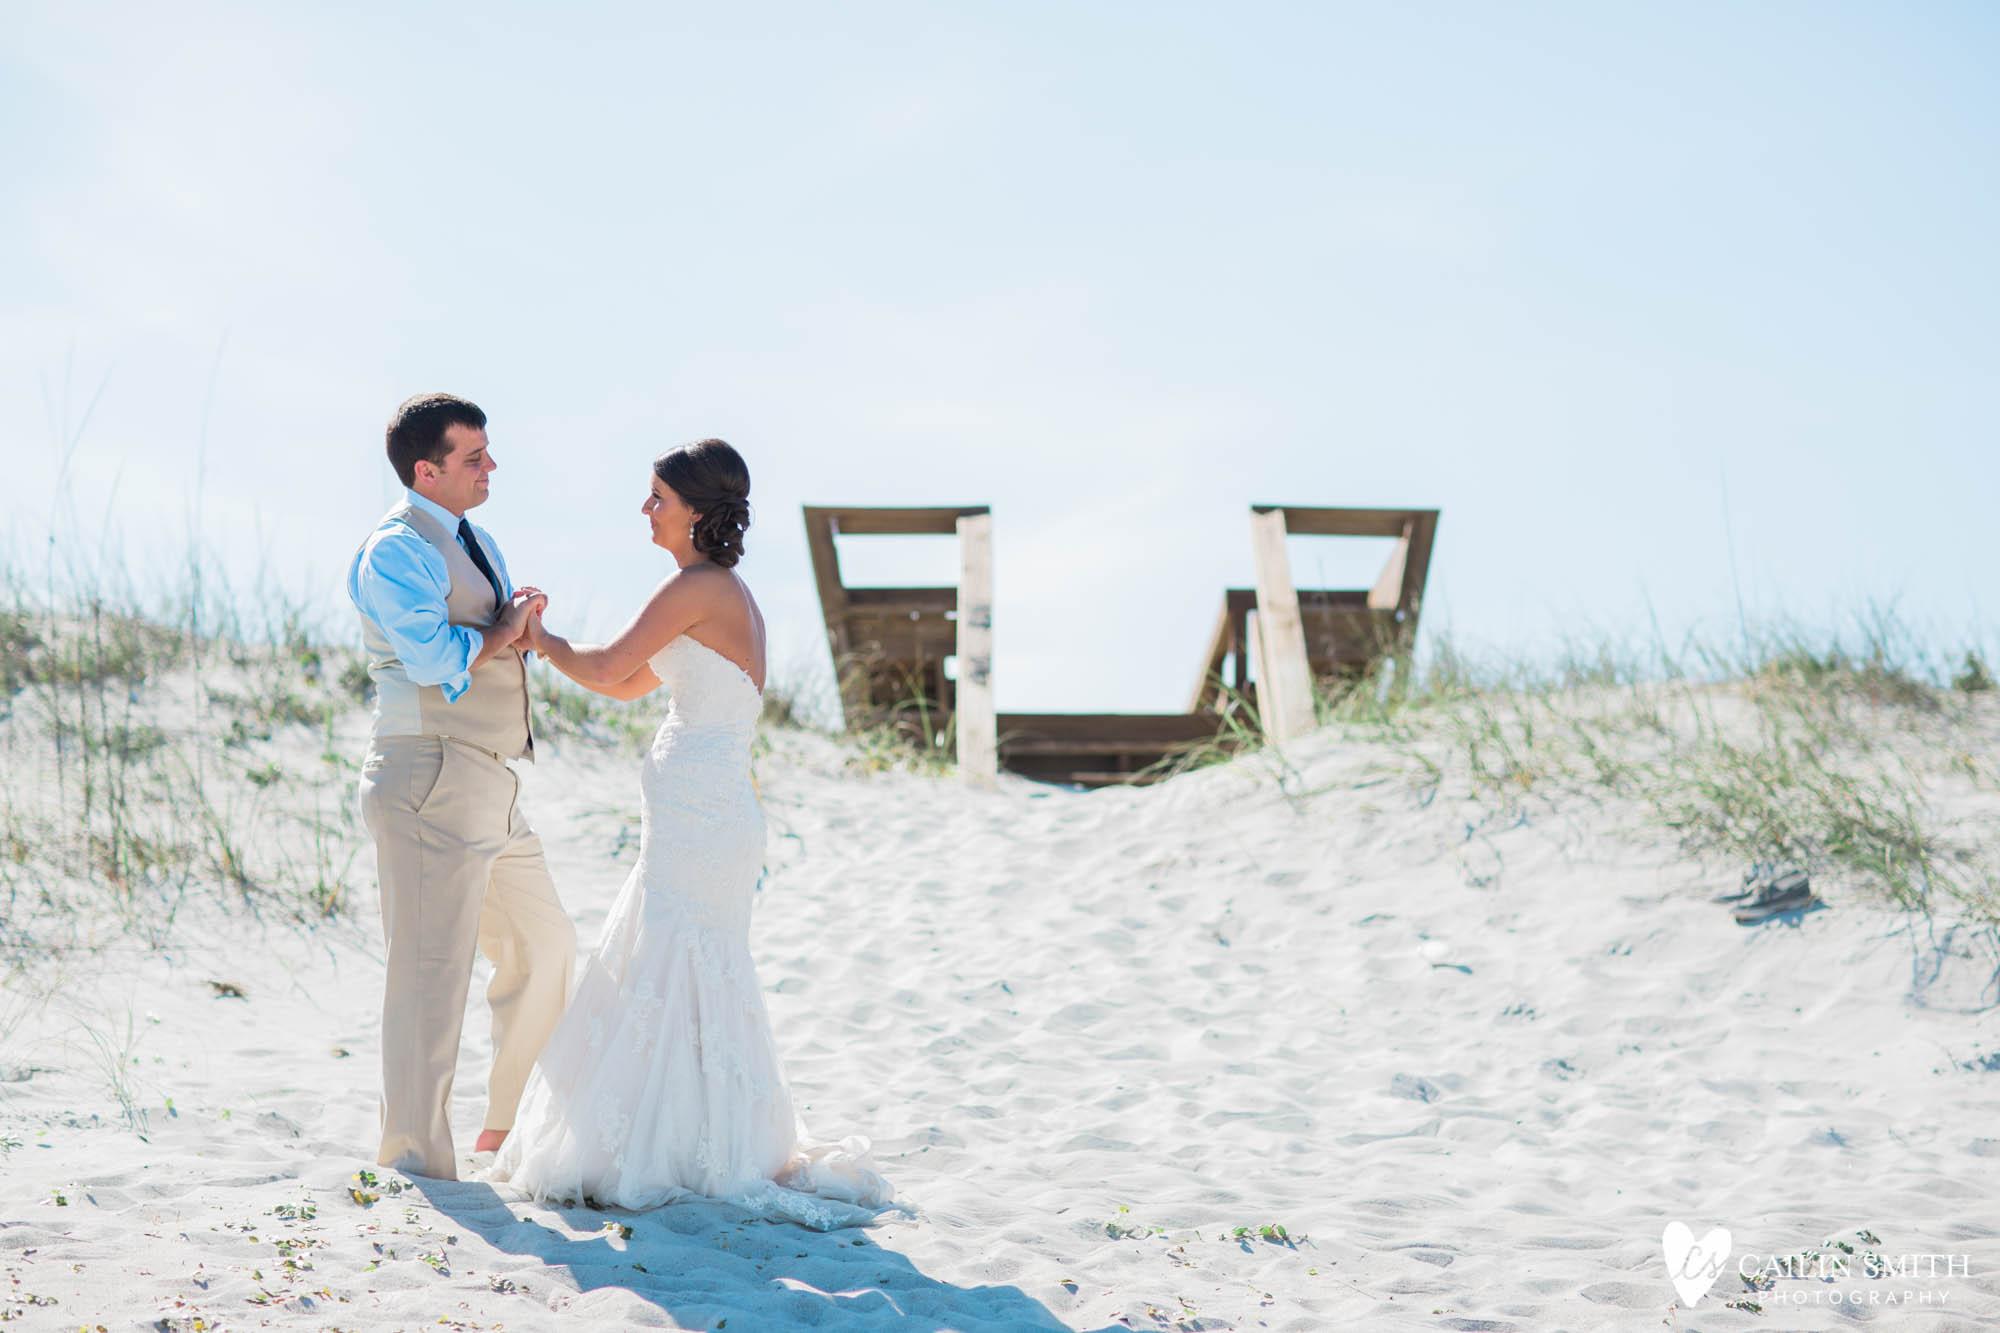 Kimberly_Ross_Amelia_Island_Wedding_Photography_020.jpg